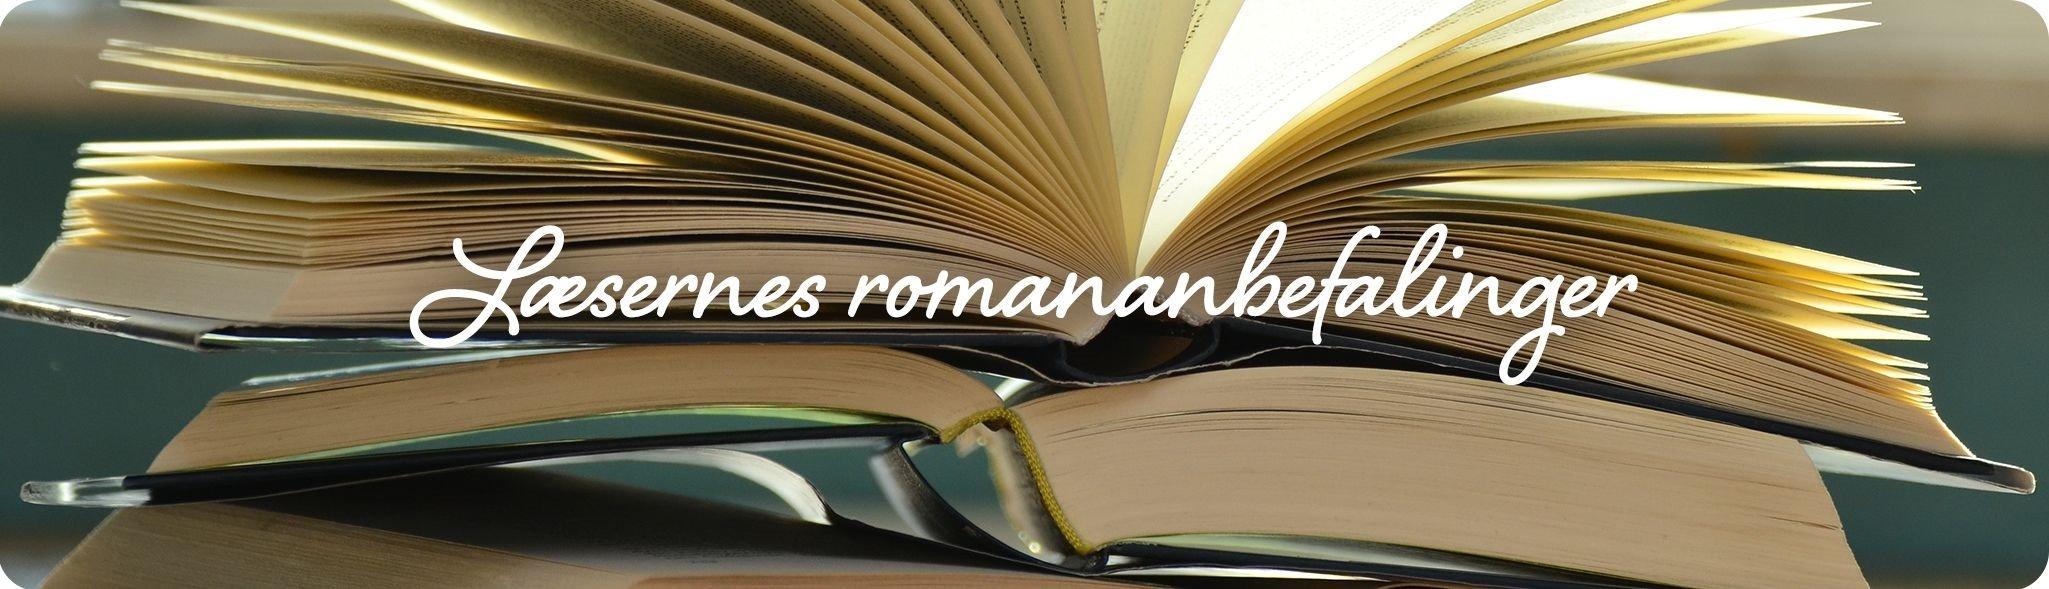 Læsernes romananbefalinger